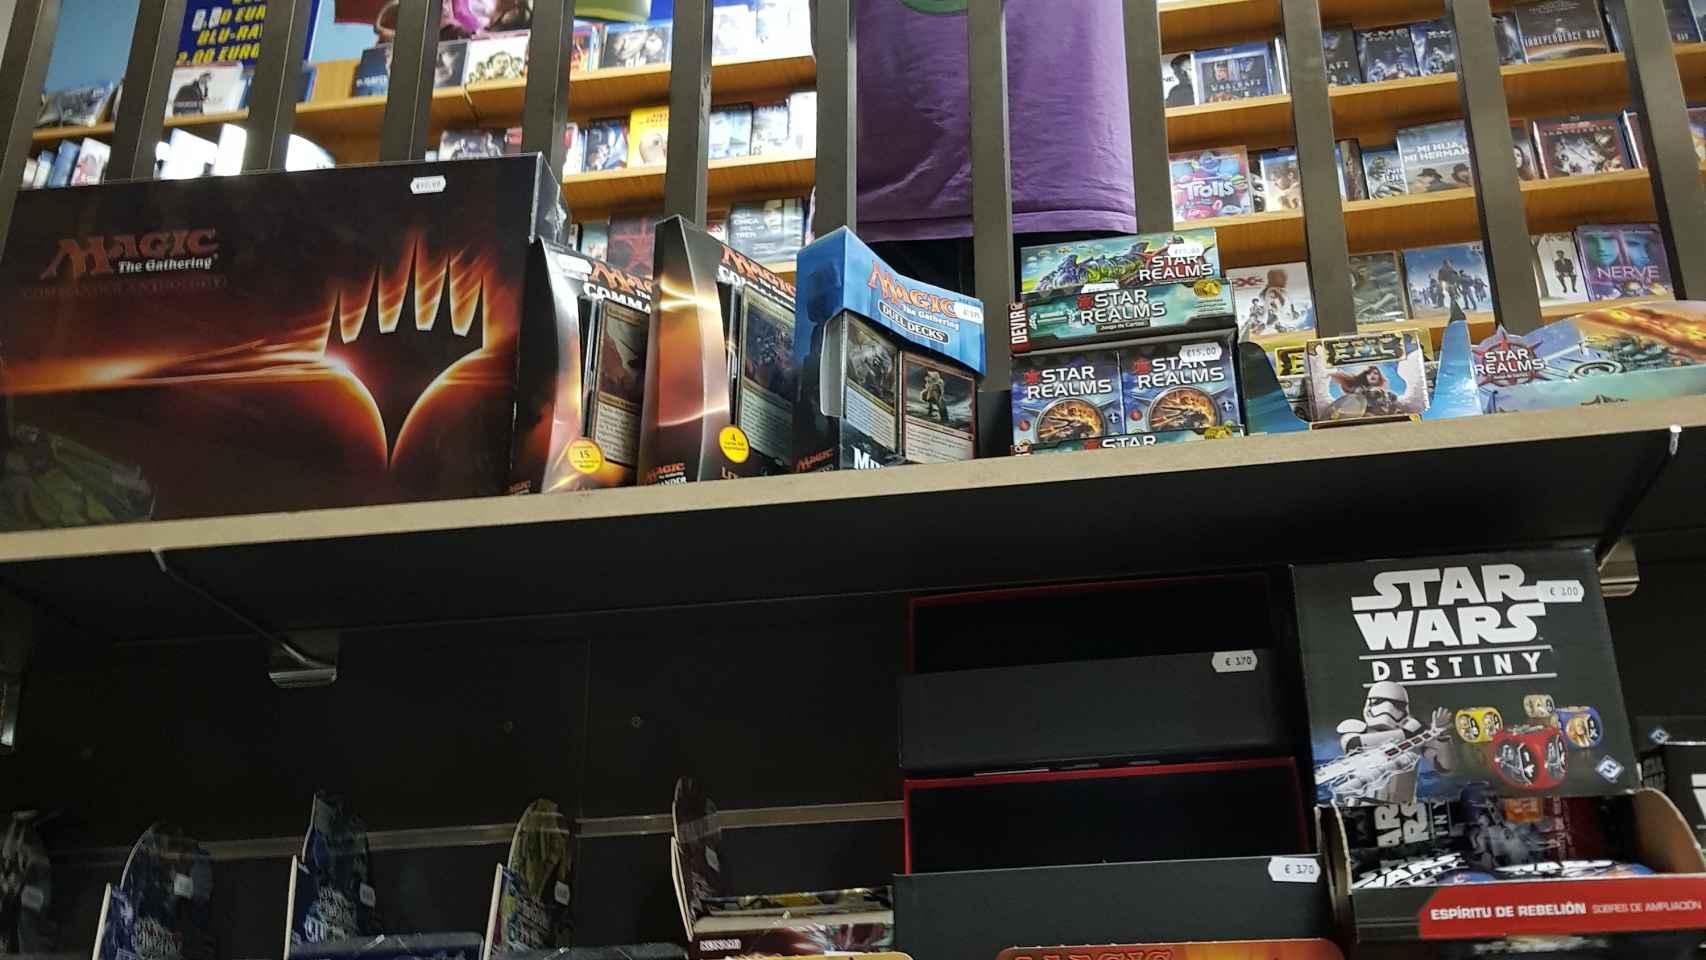 Ángel Galindo gestiona un videoclub reconvertido y centrado en juegos de mesa.